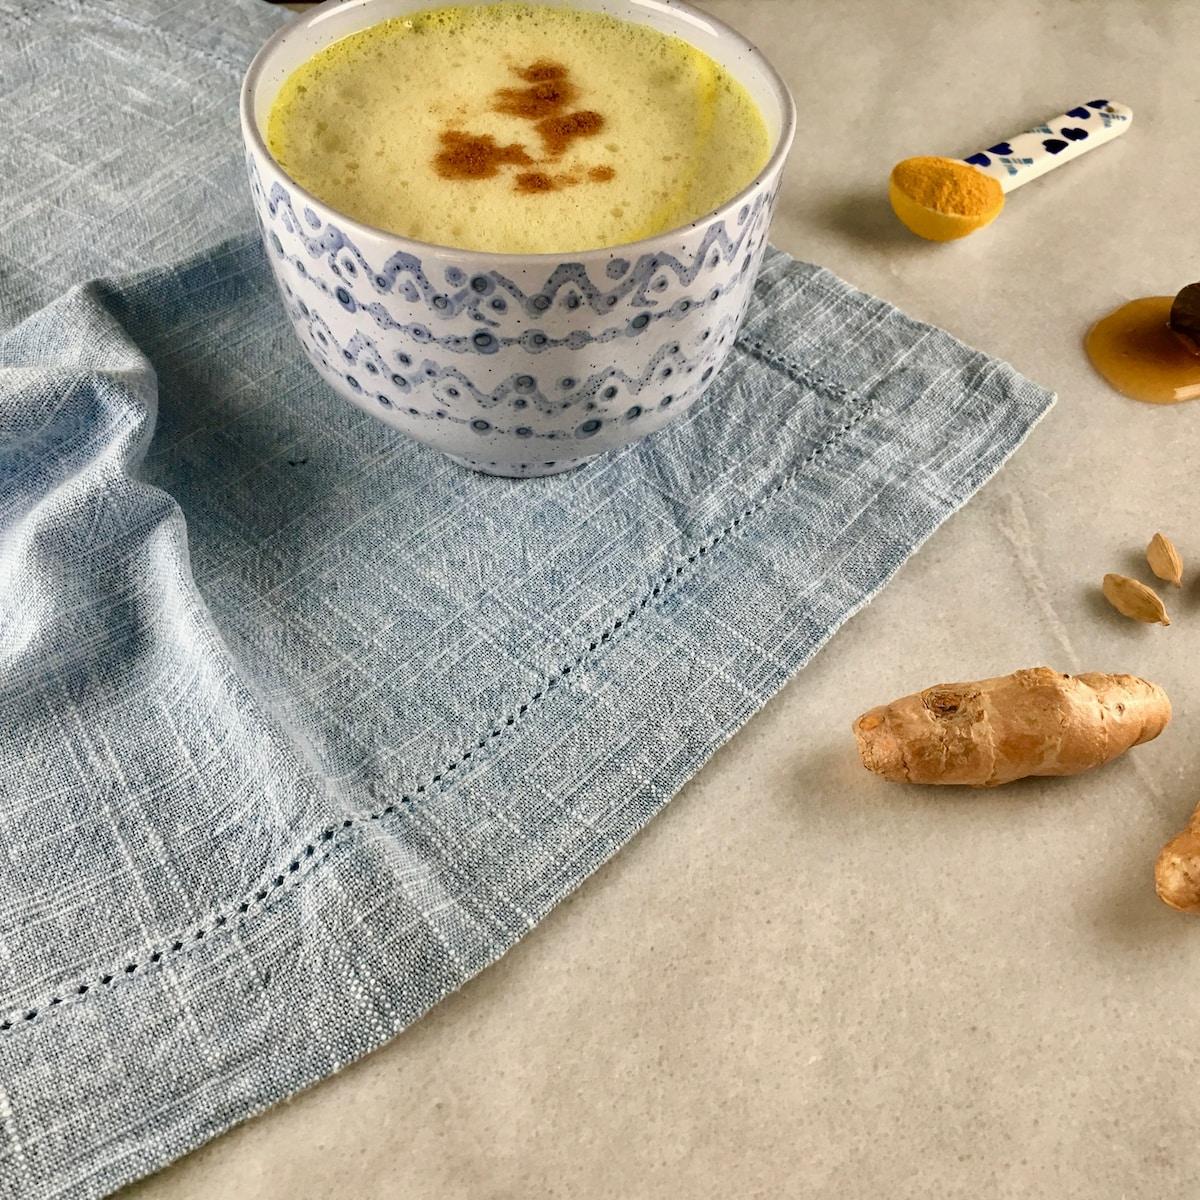 ayurveda, gingers and ceramic bowl